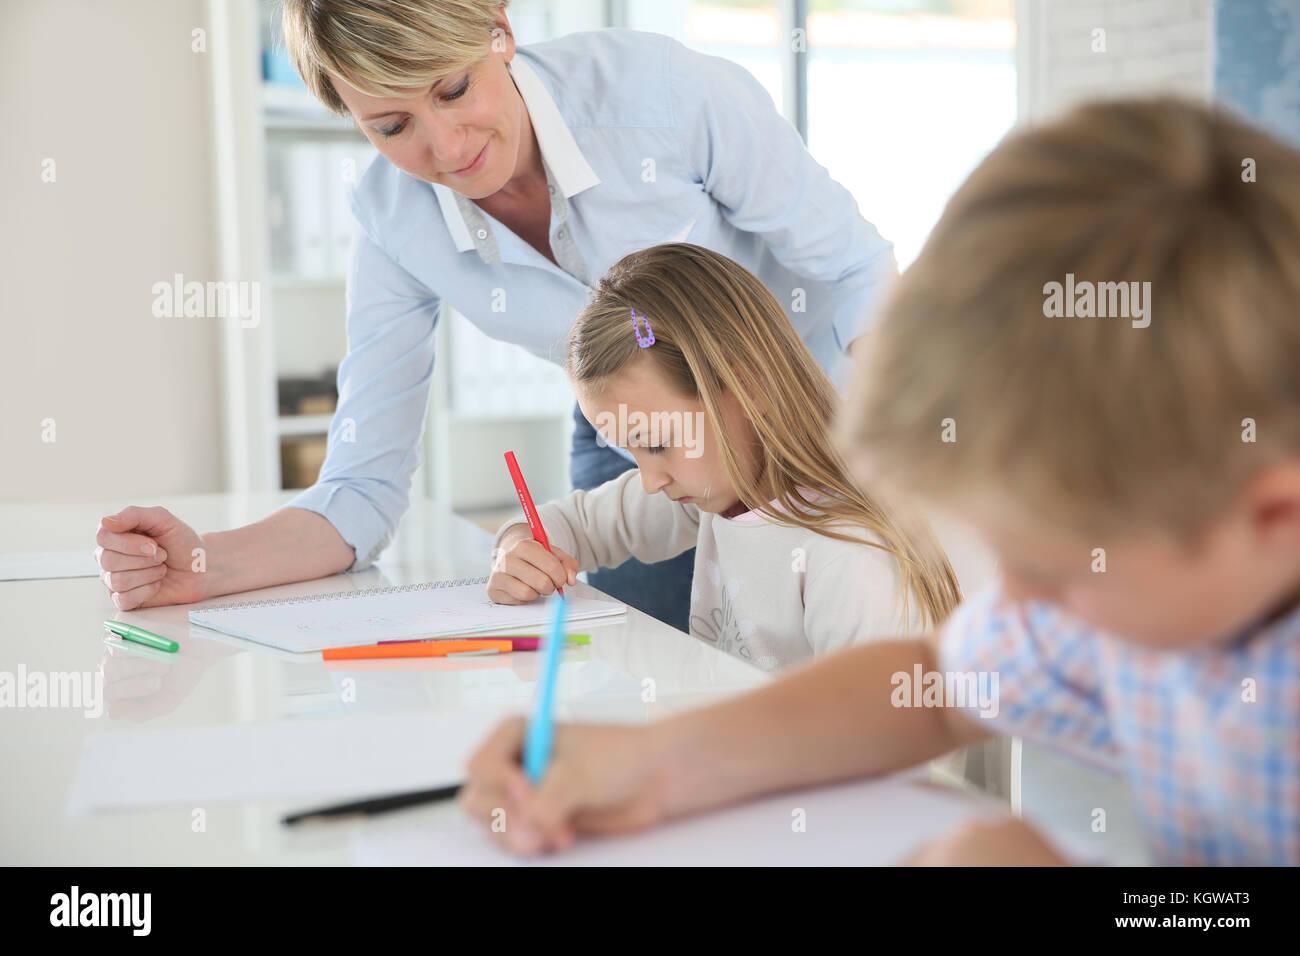 Insegnante aiuta i ragazzi in classe Immagini Stock